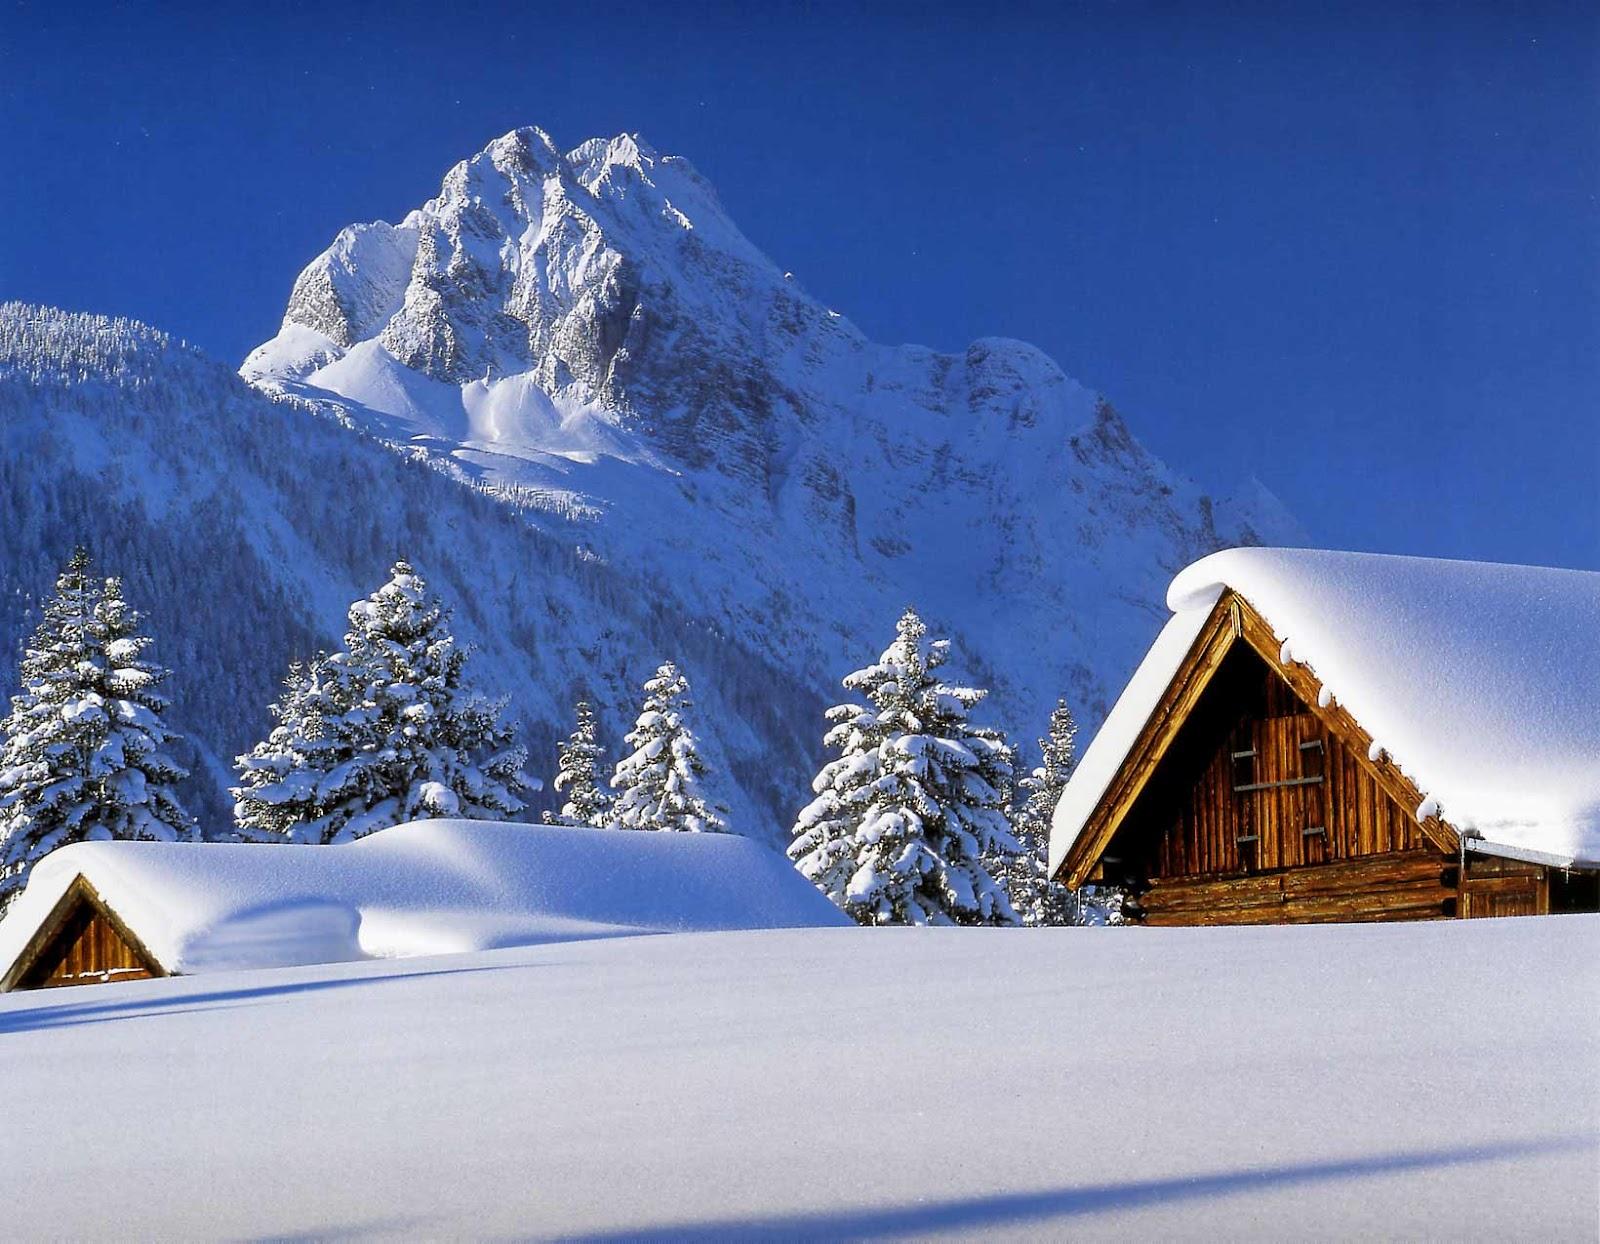 http://4.bp.blogspot.com/-6G26lyFmB58/T9W0clrH9nI/AAAAAAAAANQ/1od8ibSAg84/s1600/iarna+-house-wallpaper.jpg